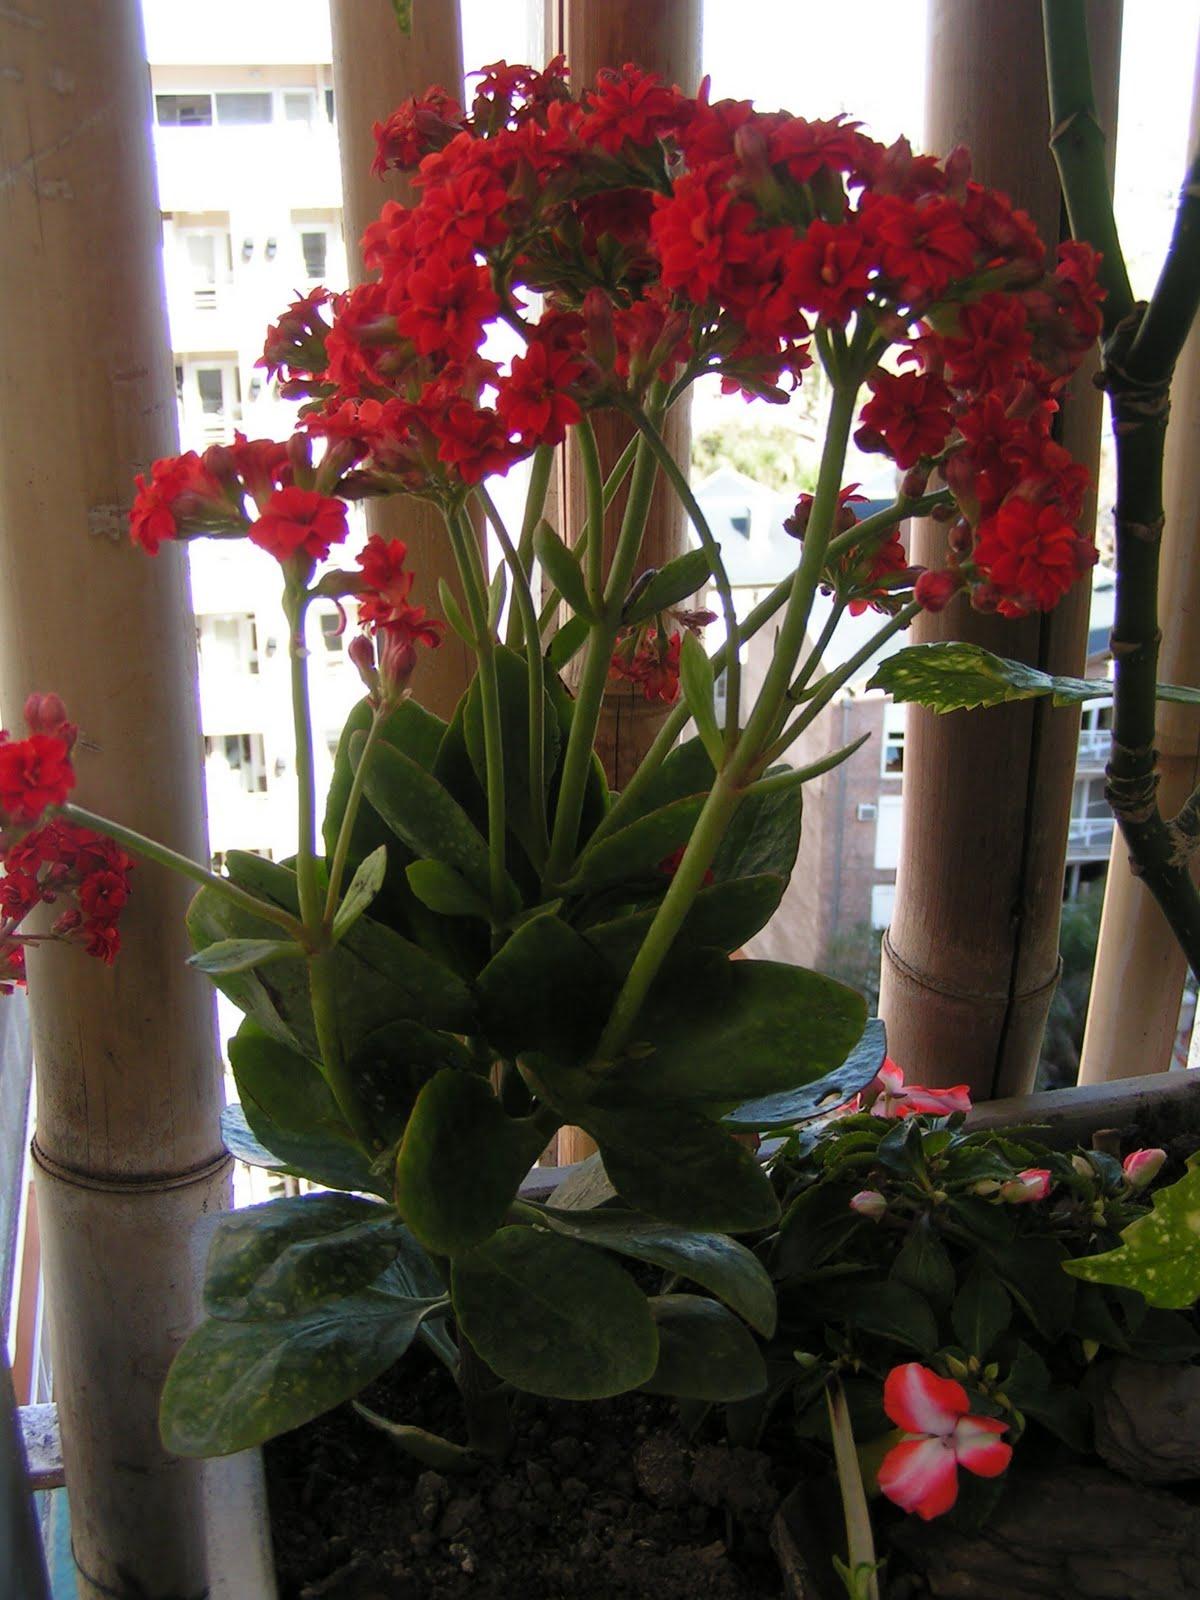 Flores todo el a o no hay problema los invito a - Plantas para el jardin todo el ano ...